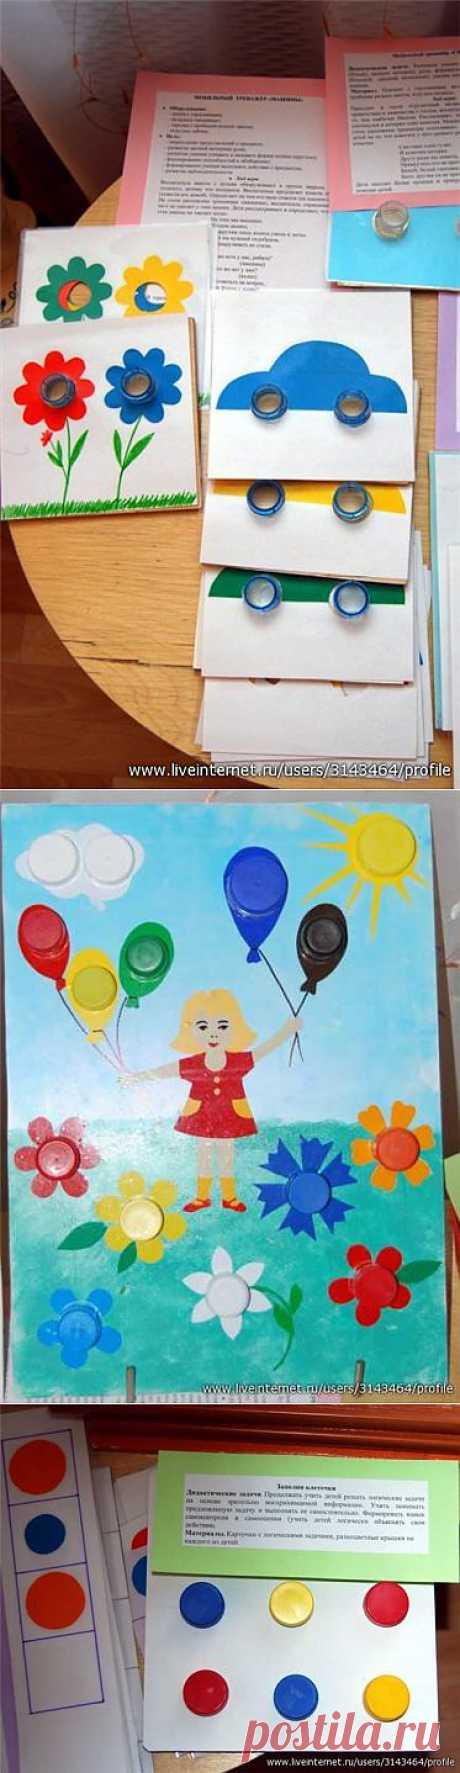 Развивающие игрушки детям своими руками. Развитие моторики / Развитие логического мышления, логики и моторики у детей / Ёжка - стихи, загадки, творчество и уроки рисования для детей